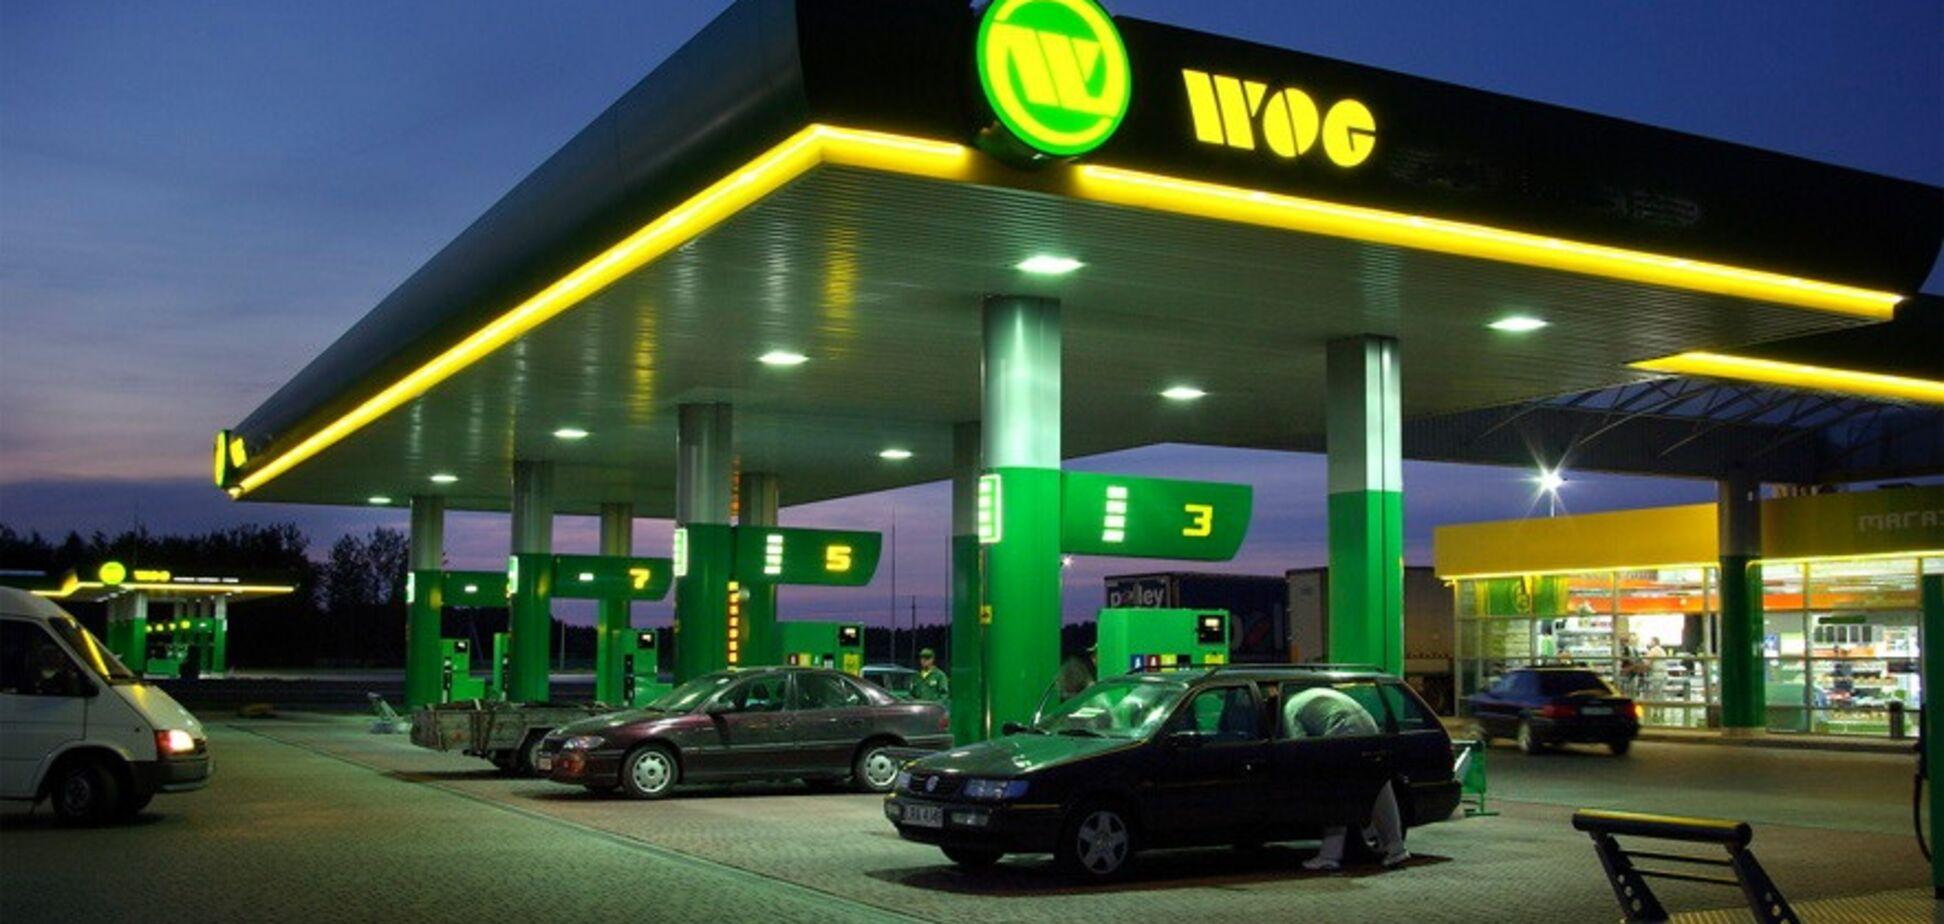 Бензин в Україні: на WOG продають найчистіше паливо